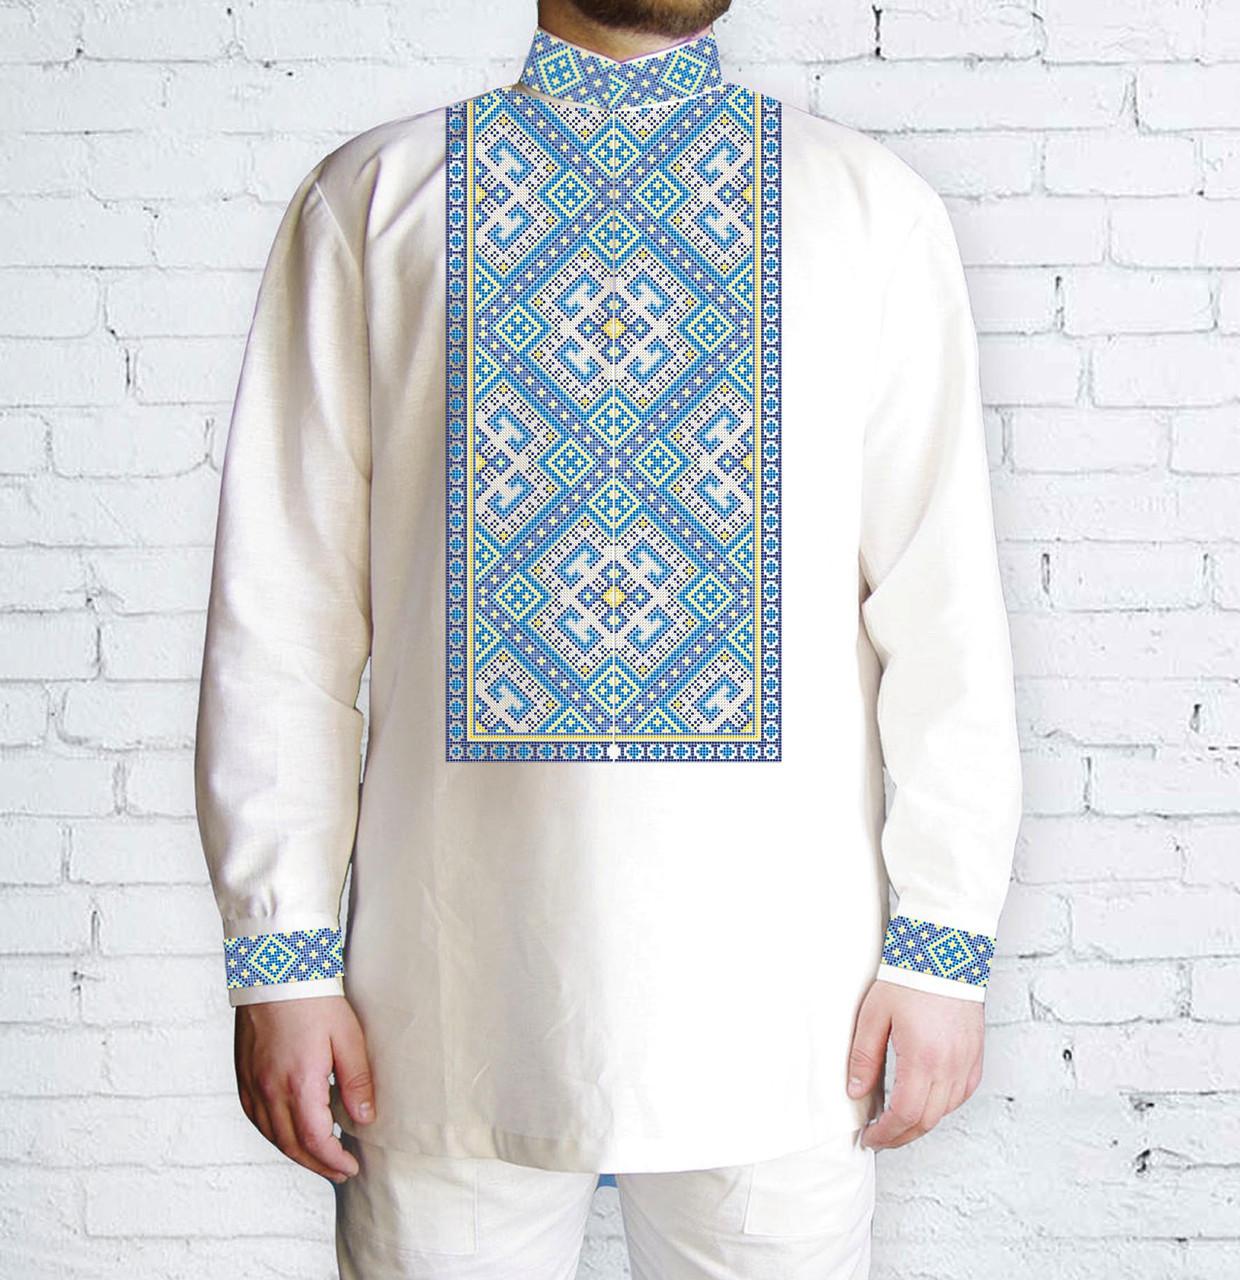 Заготовка мужской рубашки / вышиванки / сорочки для вышивки / вышивания бисером или нитками «Ромби голубі 512 Г»